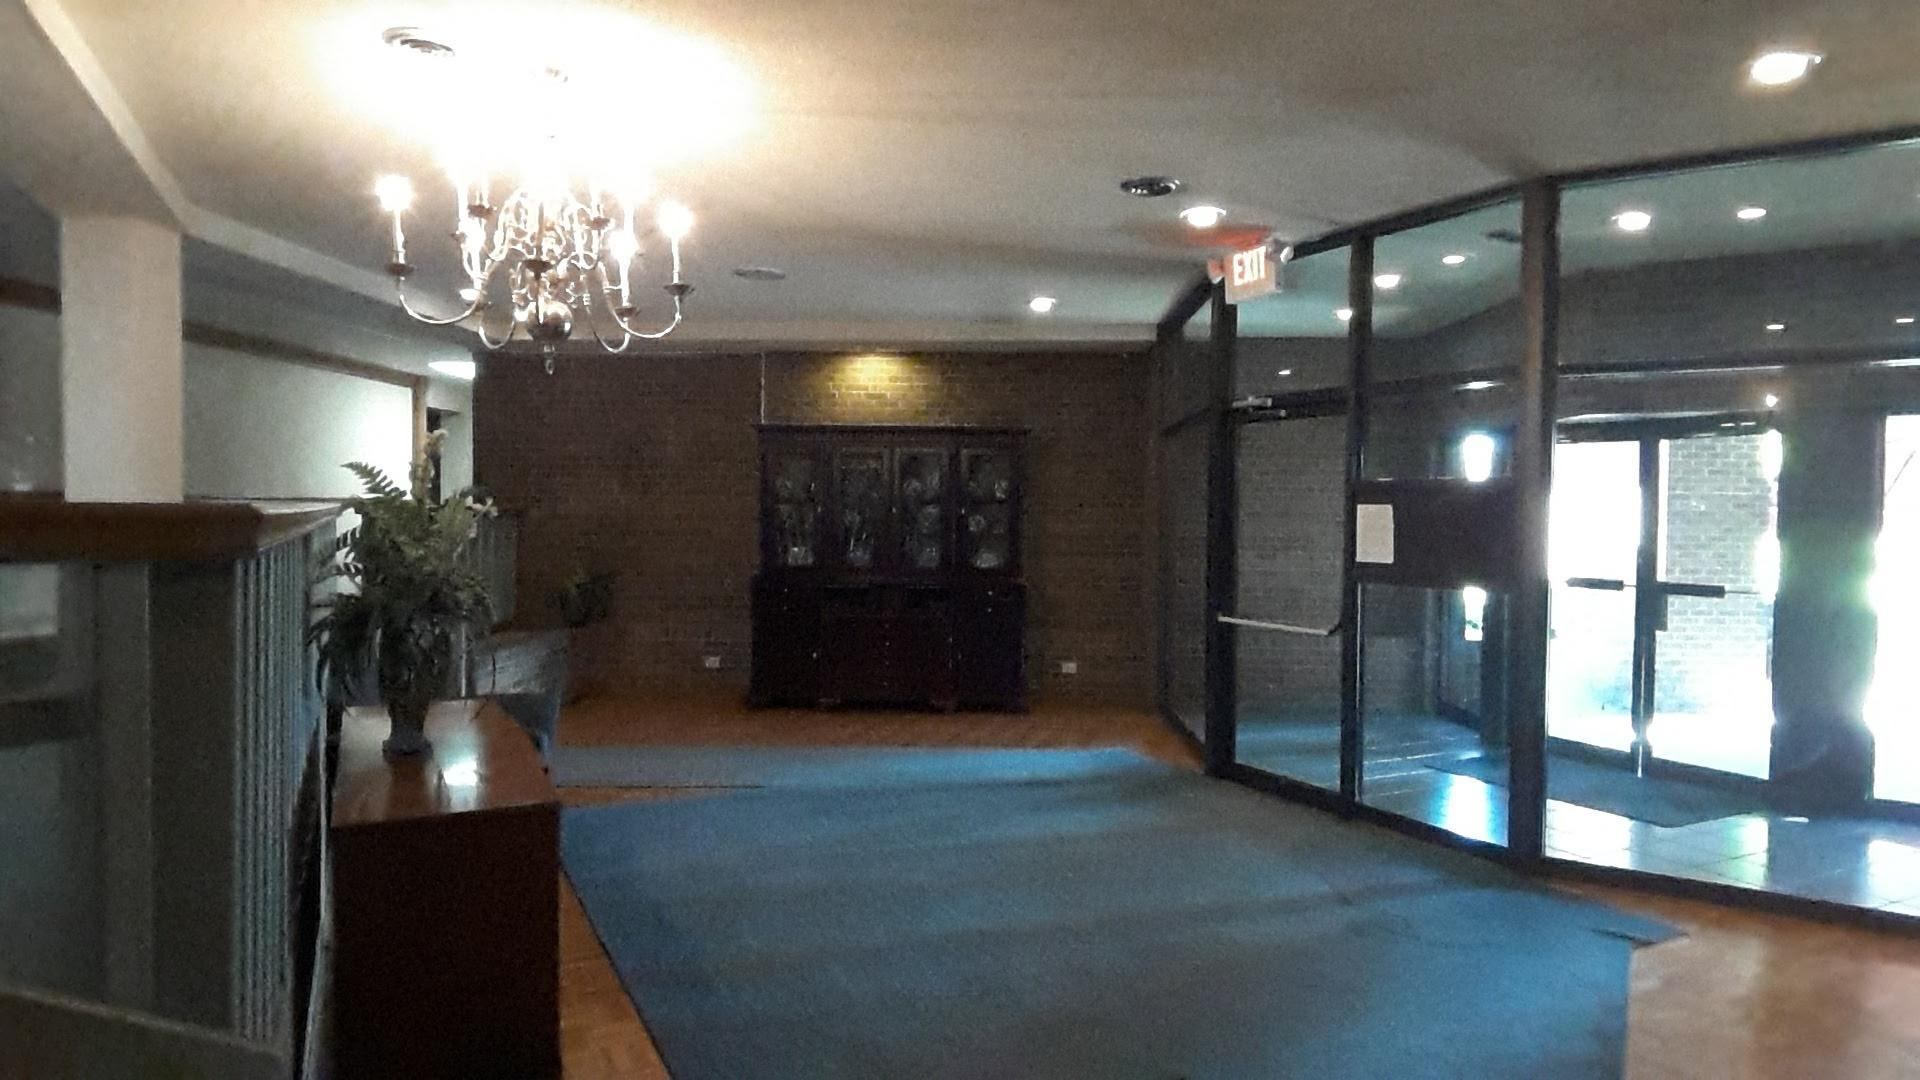 1600 Thompson Heights Ave Cincinnati Oh 45223 Multi Family Home 8 Photos Trulia